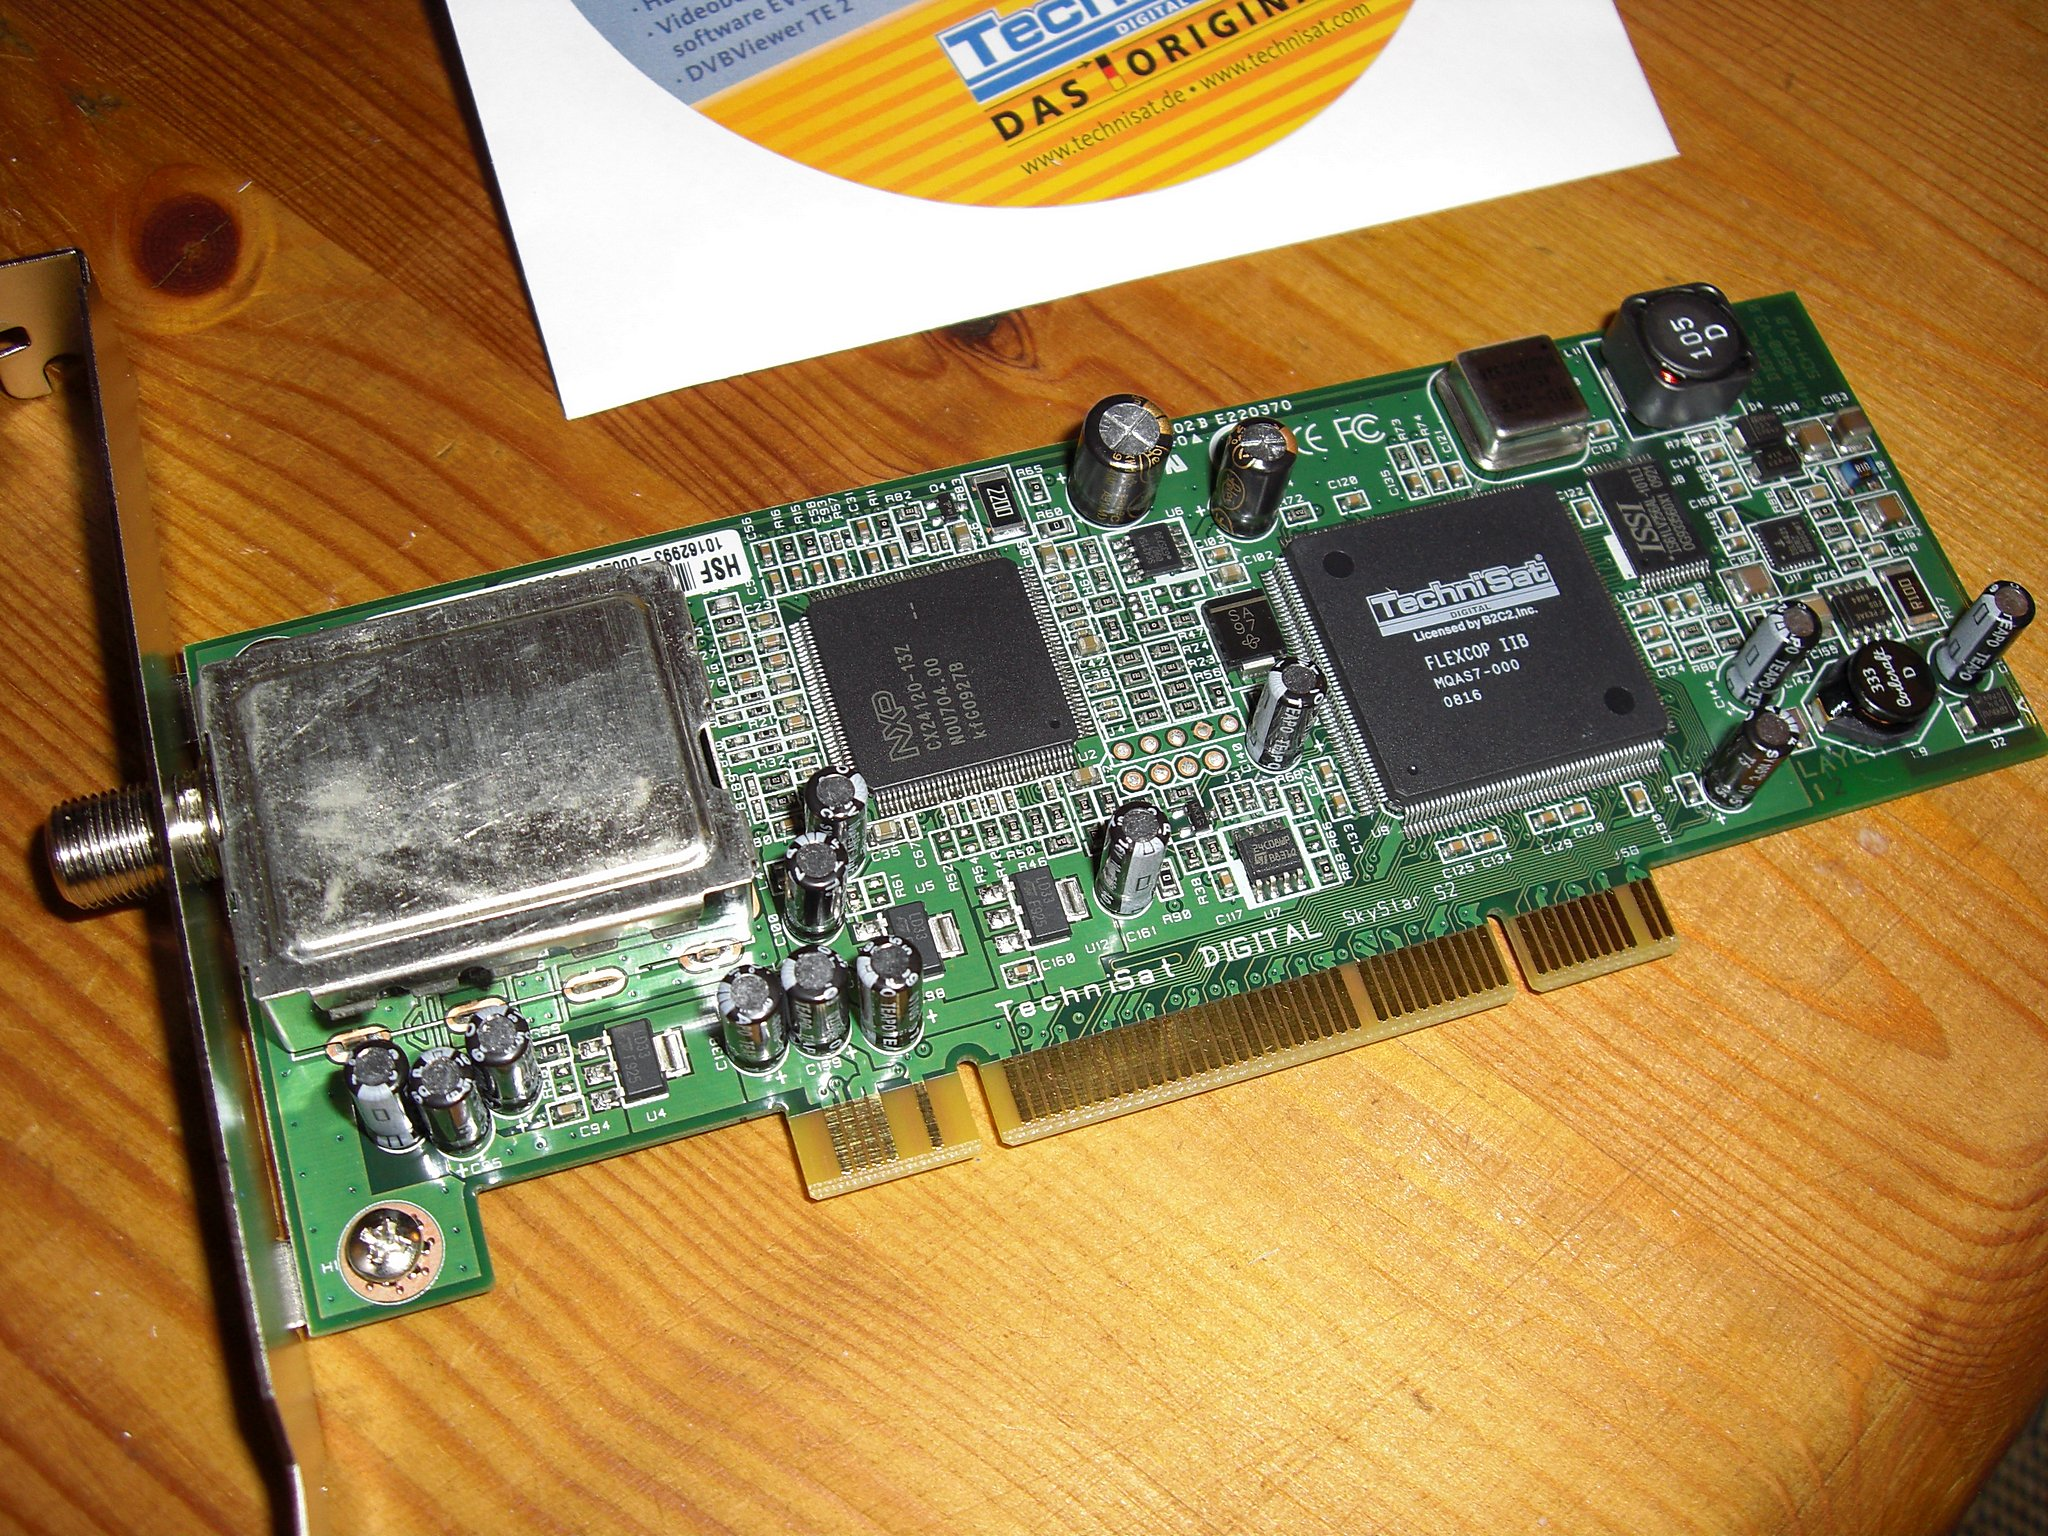 Placa de sunet HyperX Amp USB Sound Card (HX-USCCAMSS-BK)